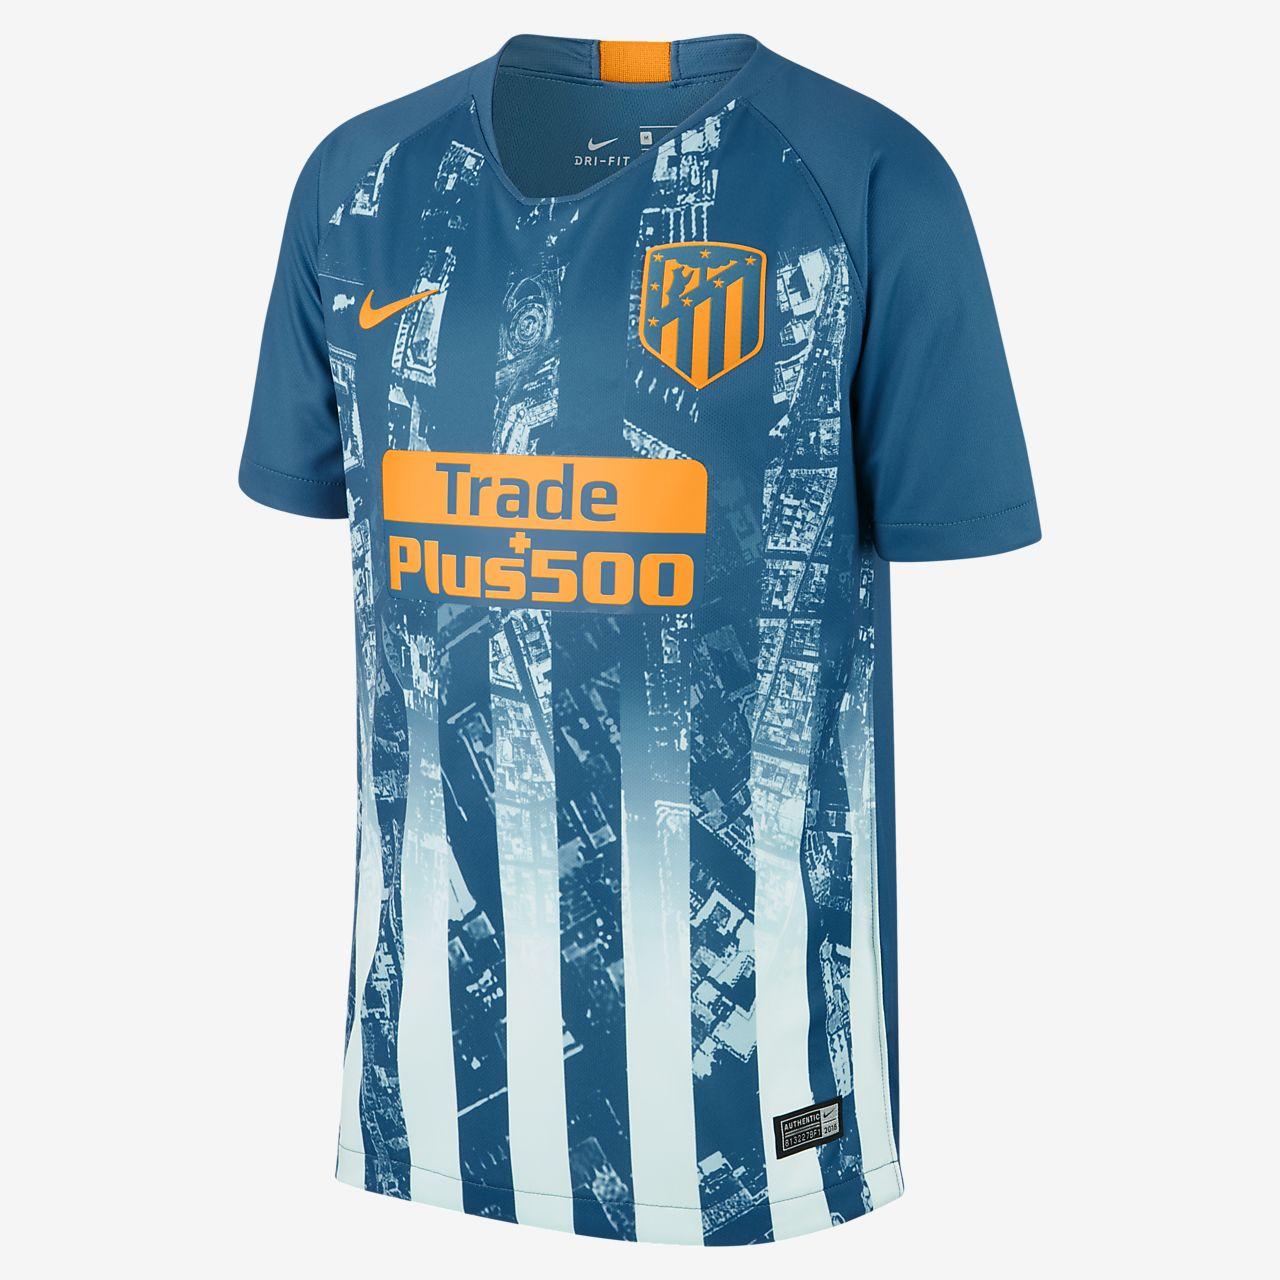 Camiseta de fútbol para niños talla grande alternativa Stadium del Atlético de Madrid 2018/19